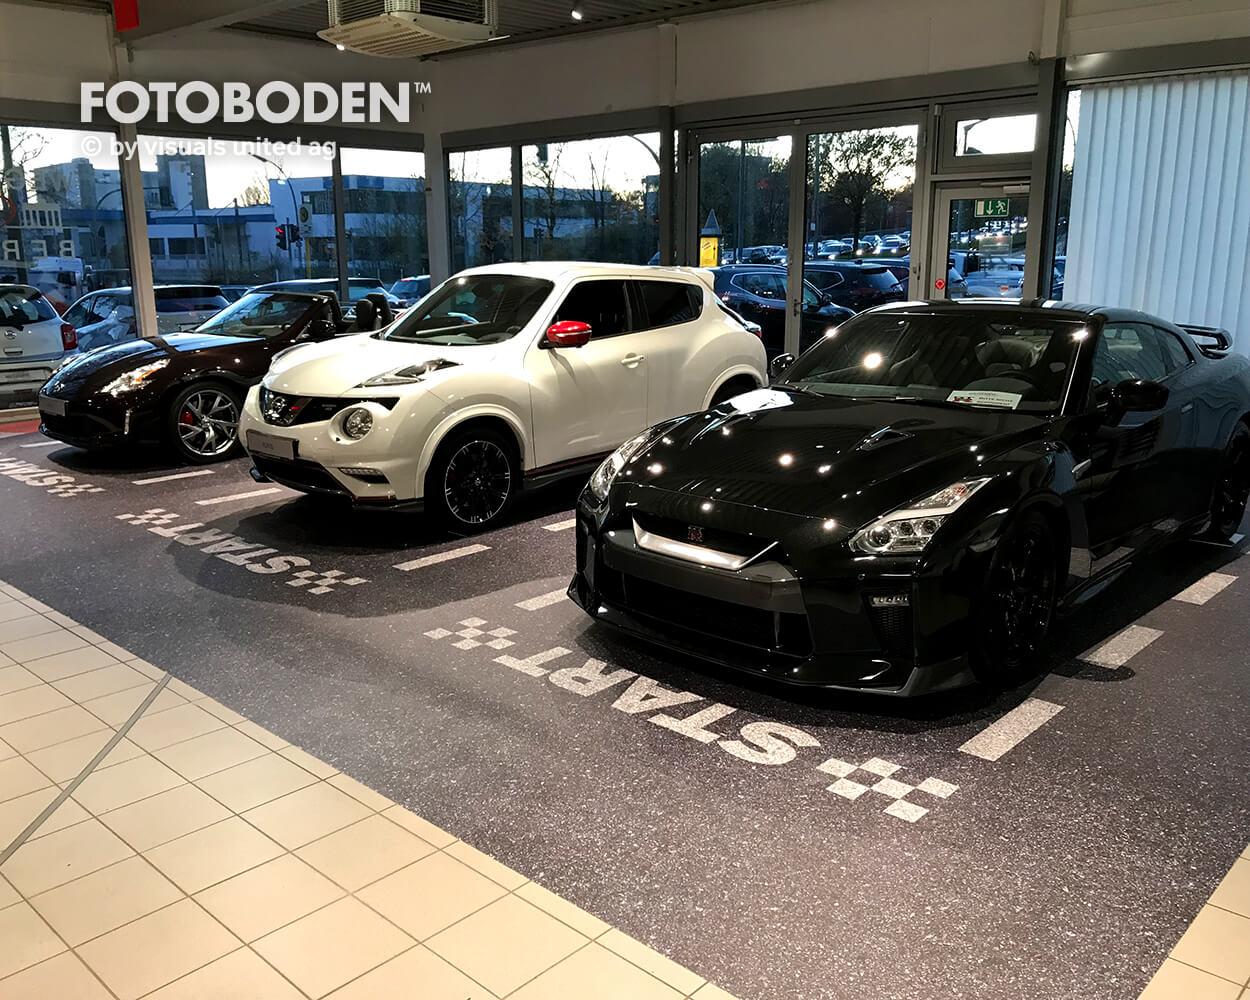 FOTOBODEN™ Autohaus Teppich selbst gestalten